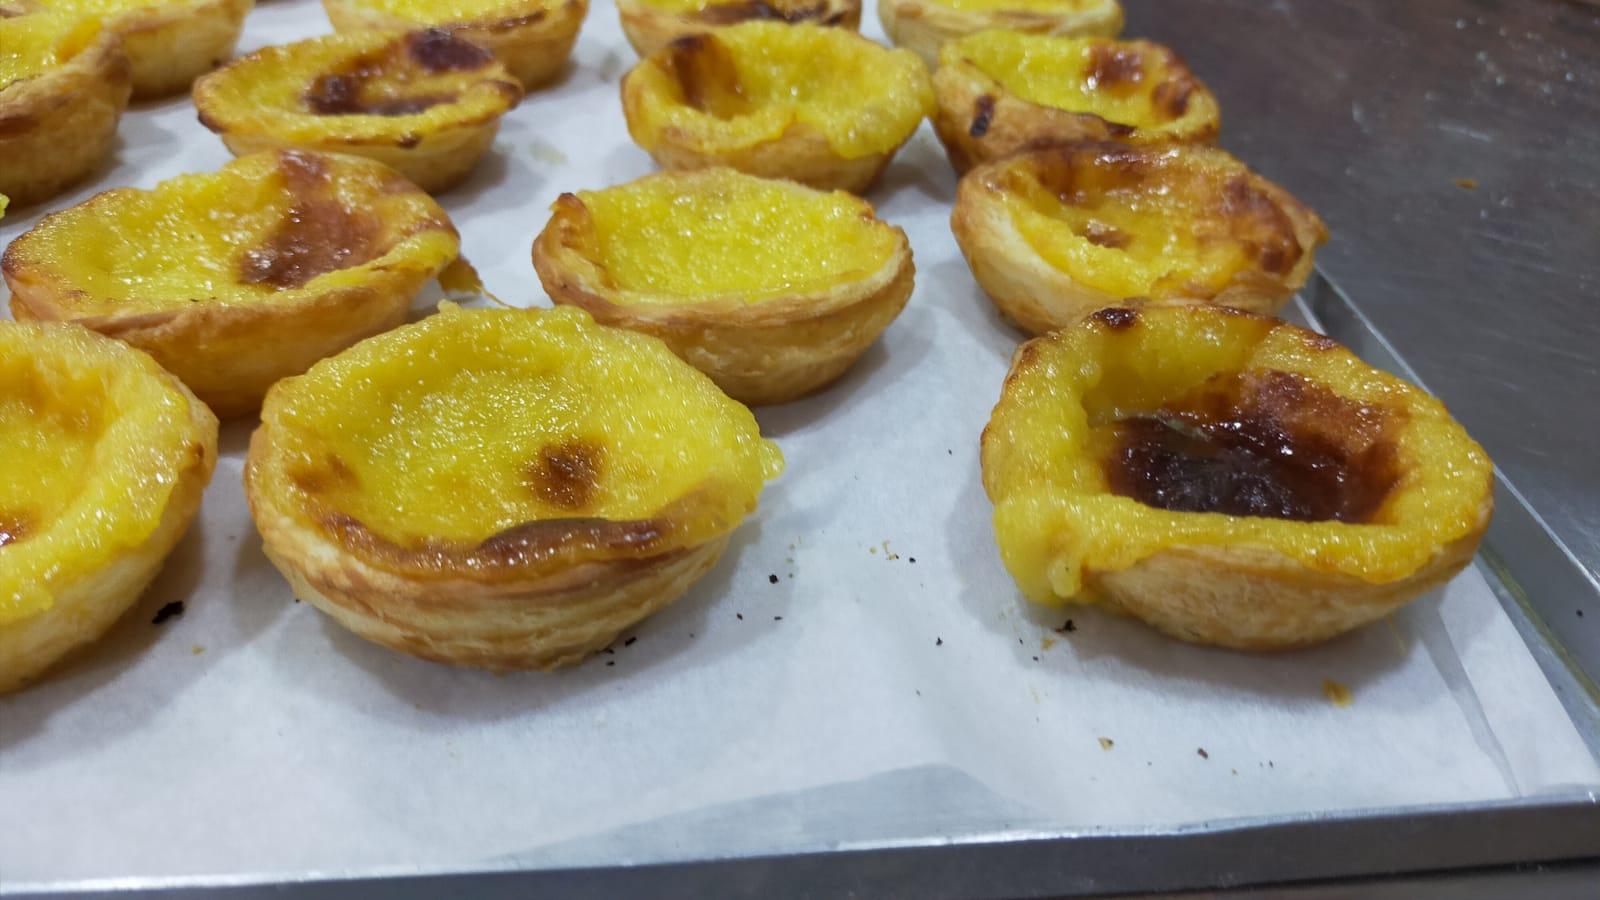 panes-y-pasteles-de-nata-portugueses-en-curso